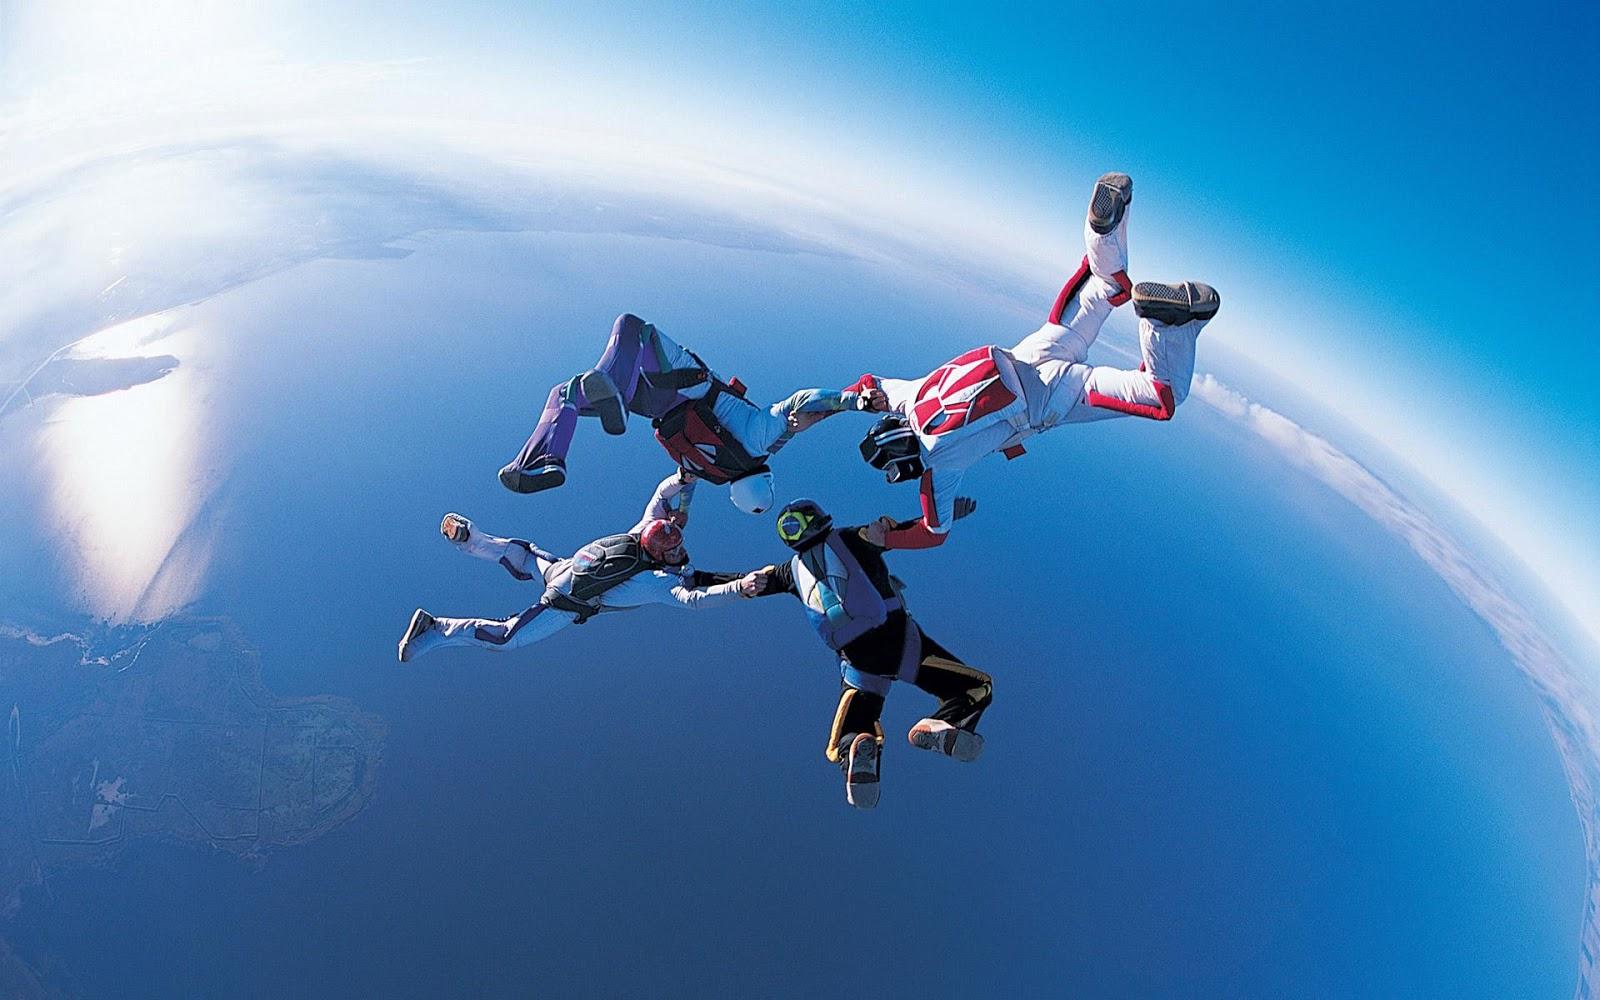 Free Summer Desktop Wallpaper Sports: HD-Hintergrundbilder: Extremsportarten, Fallschirmspringen